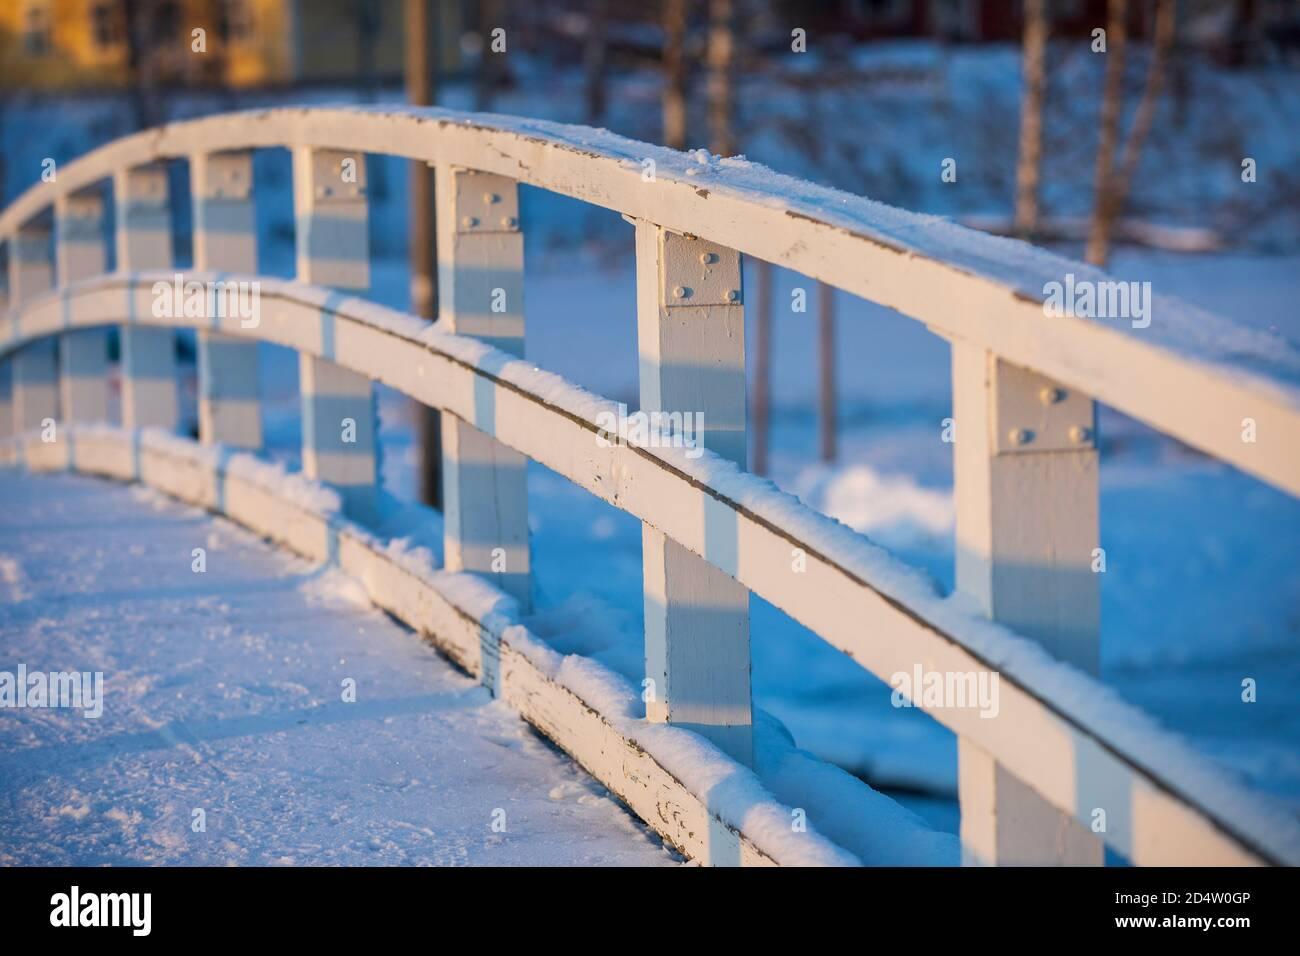 Gros plan d'une main courante de pont courbe en bois blanc robuste à Winter, Finlande Banque D'Images